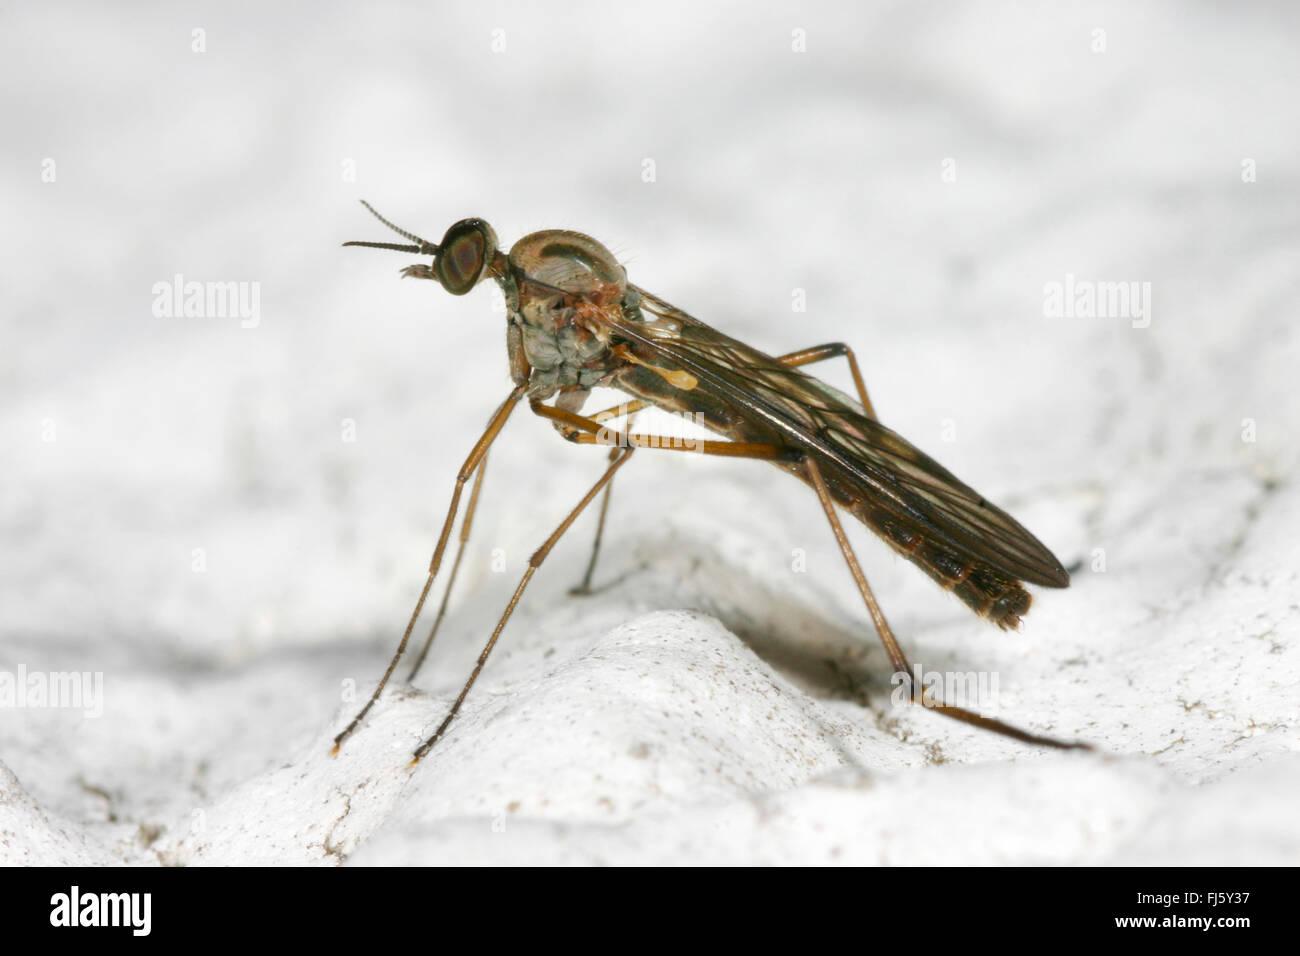 common window gnat, common window midge (Sylvicola fenestralis), on snow, Germany - Stock Image